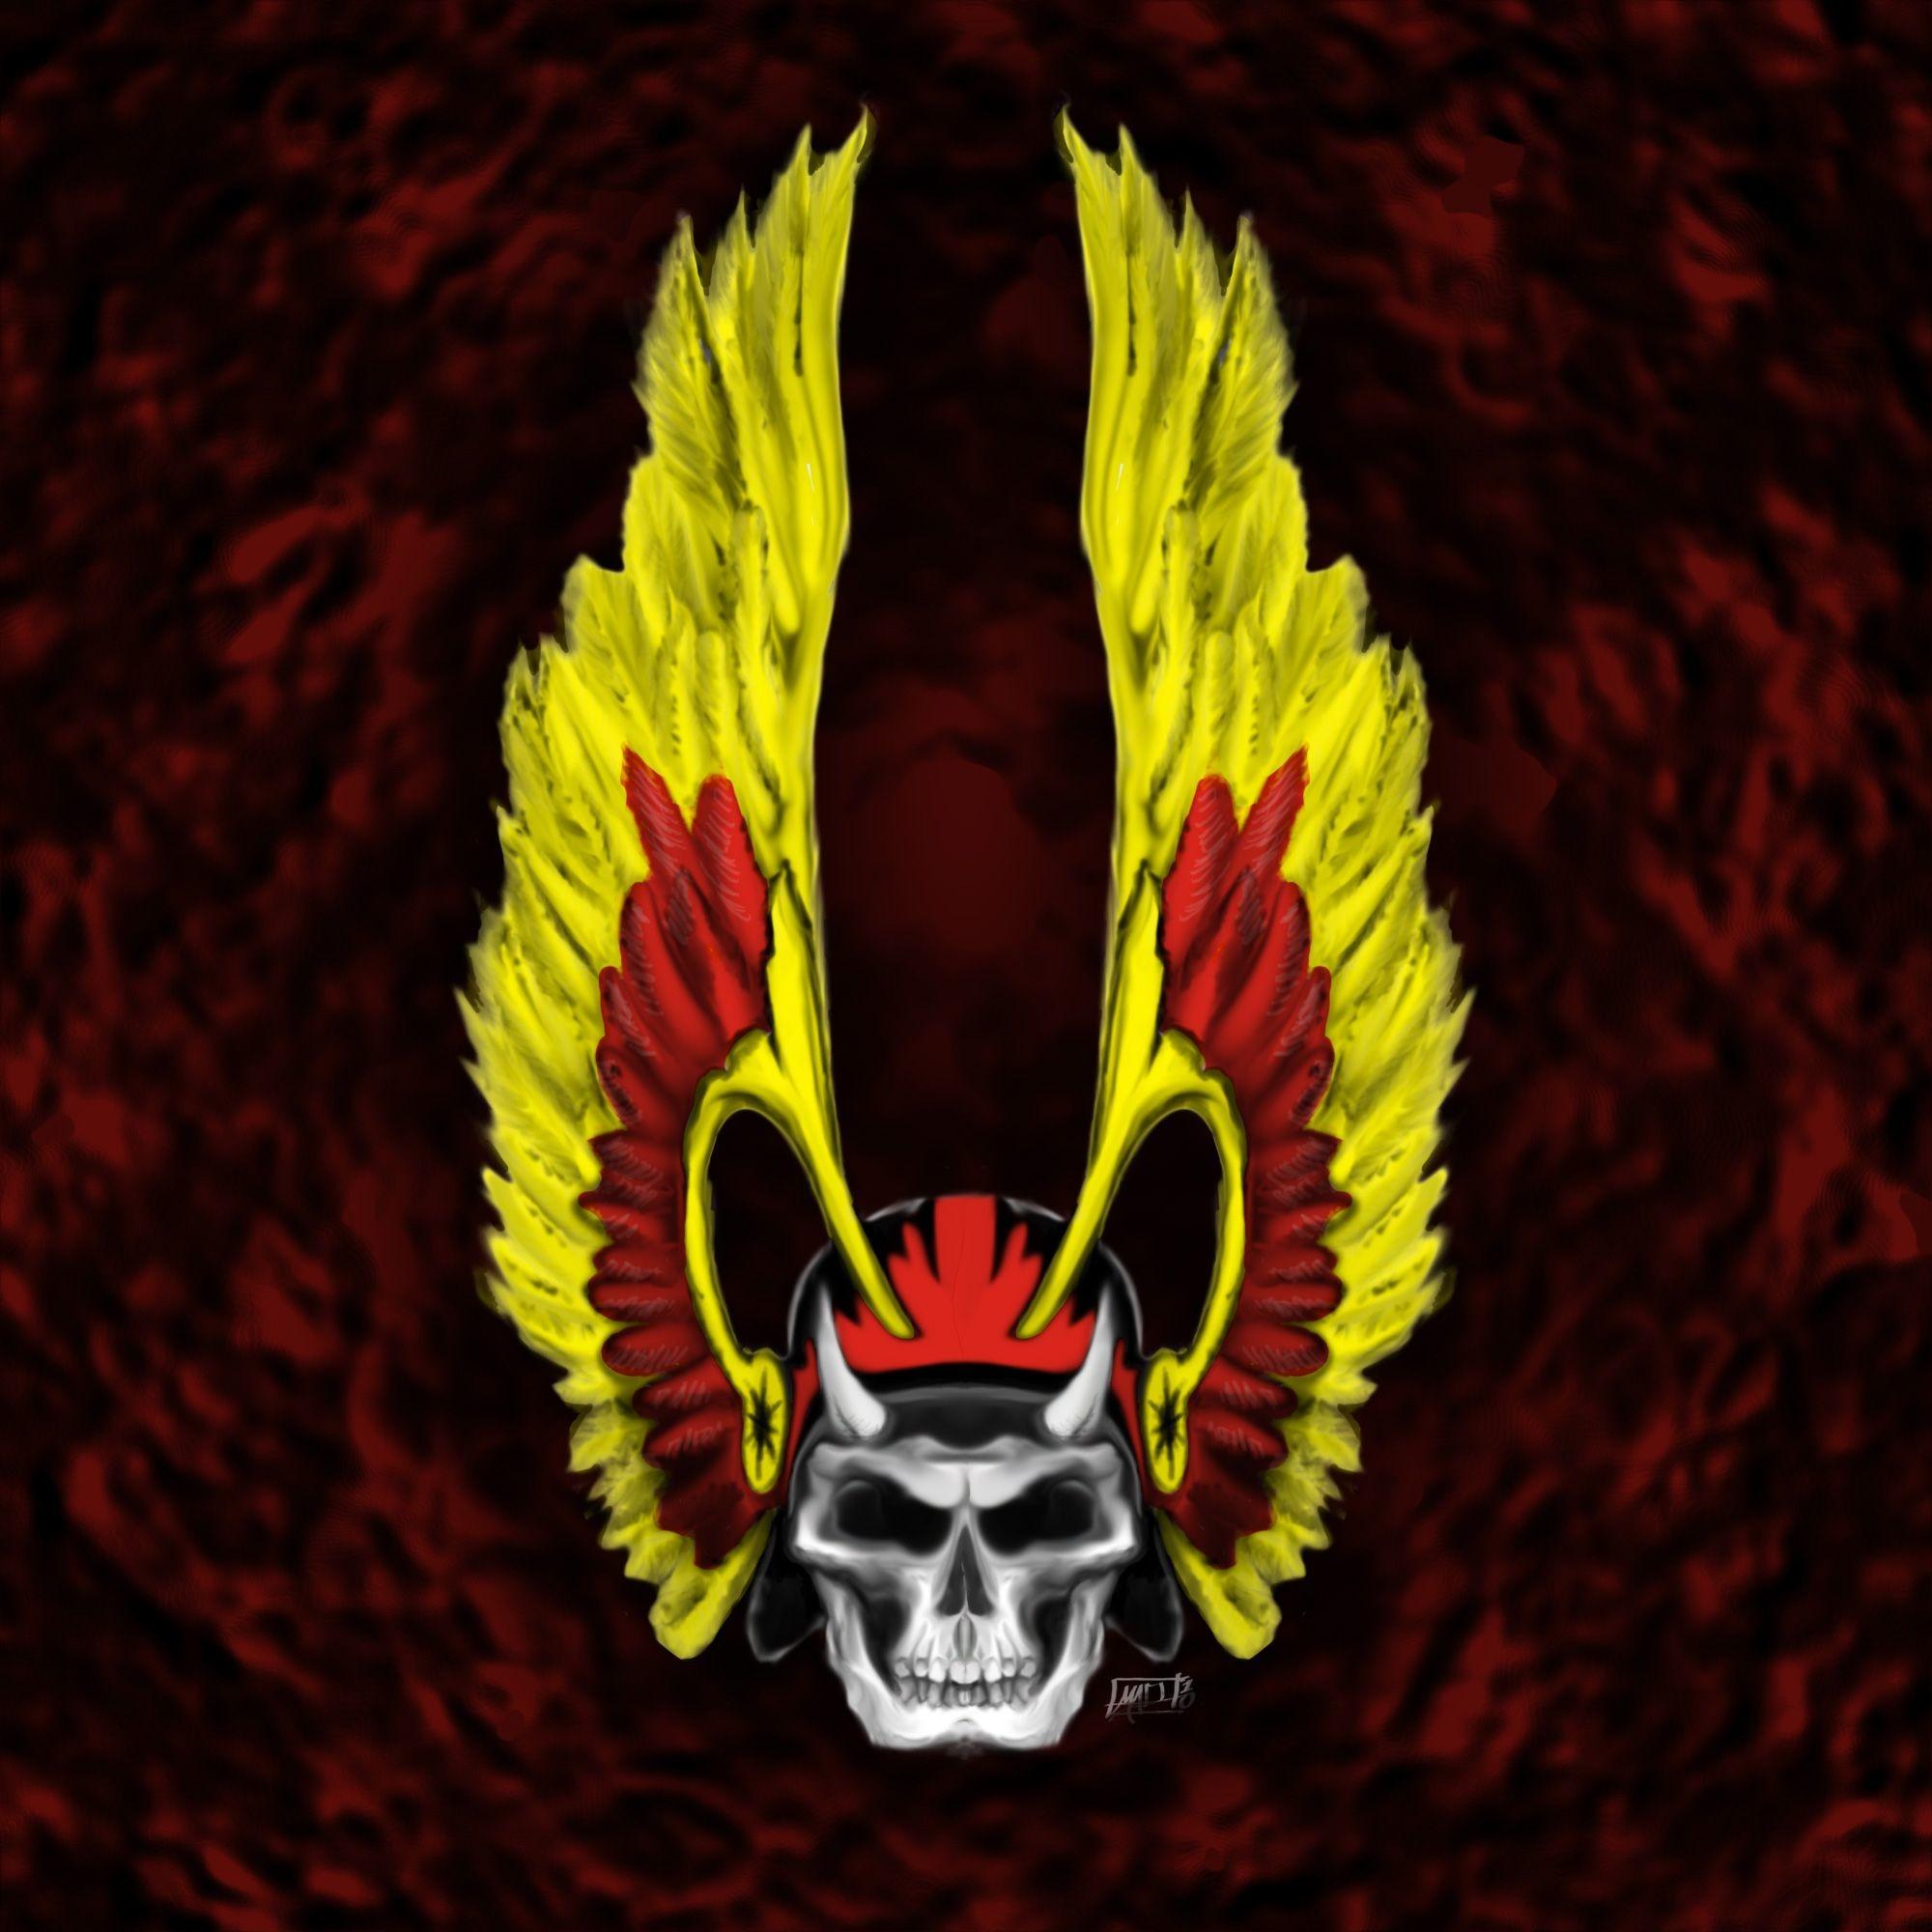 hells angels wallpaper ile ilgili görsel sonucu